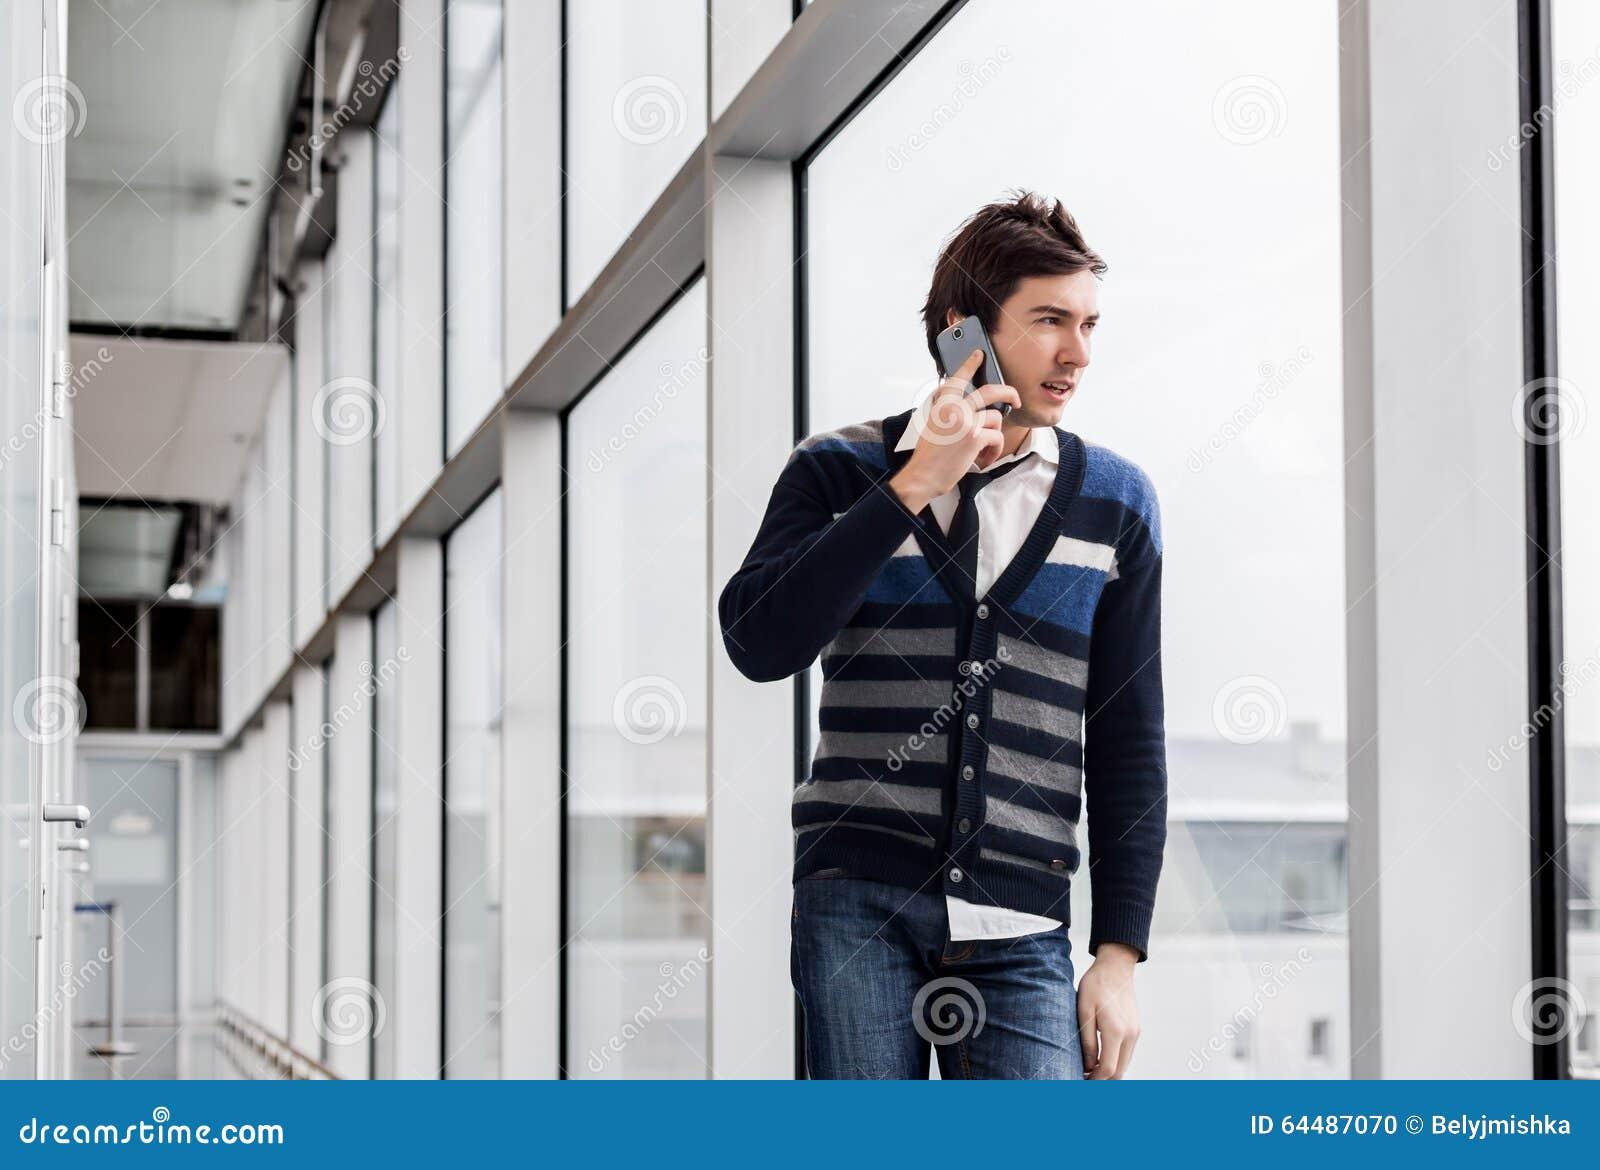 photo stock tlphone parlant urbain d homme affaires prs une fentre image